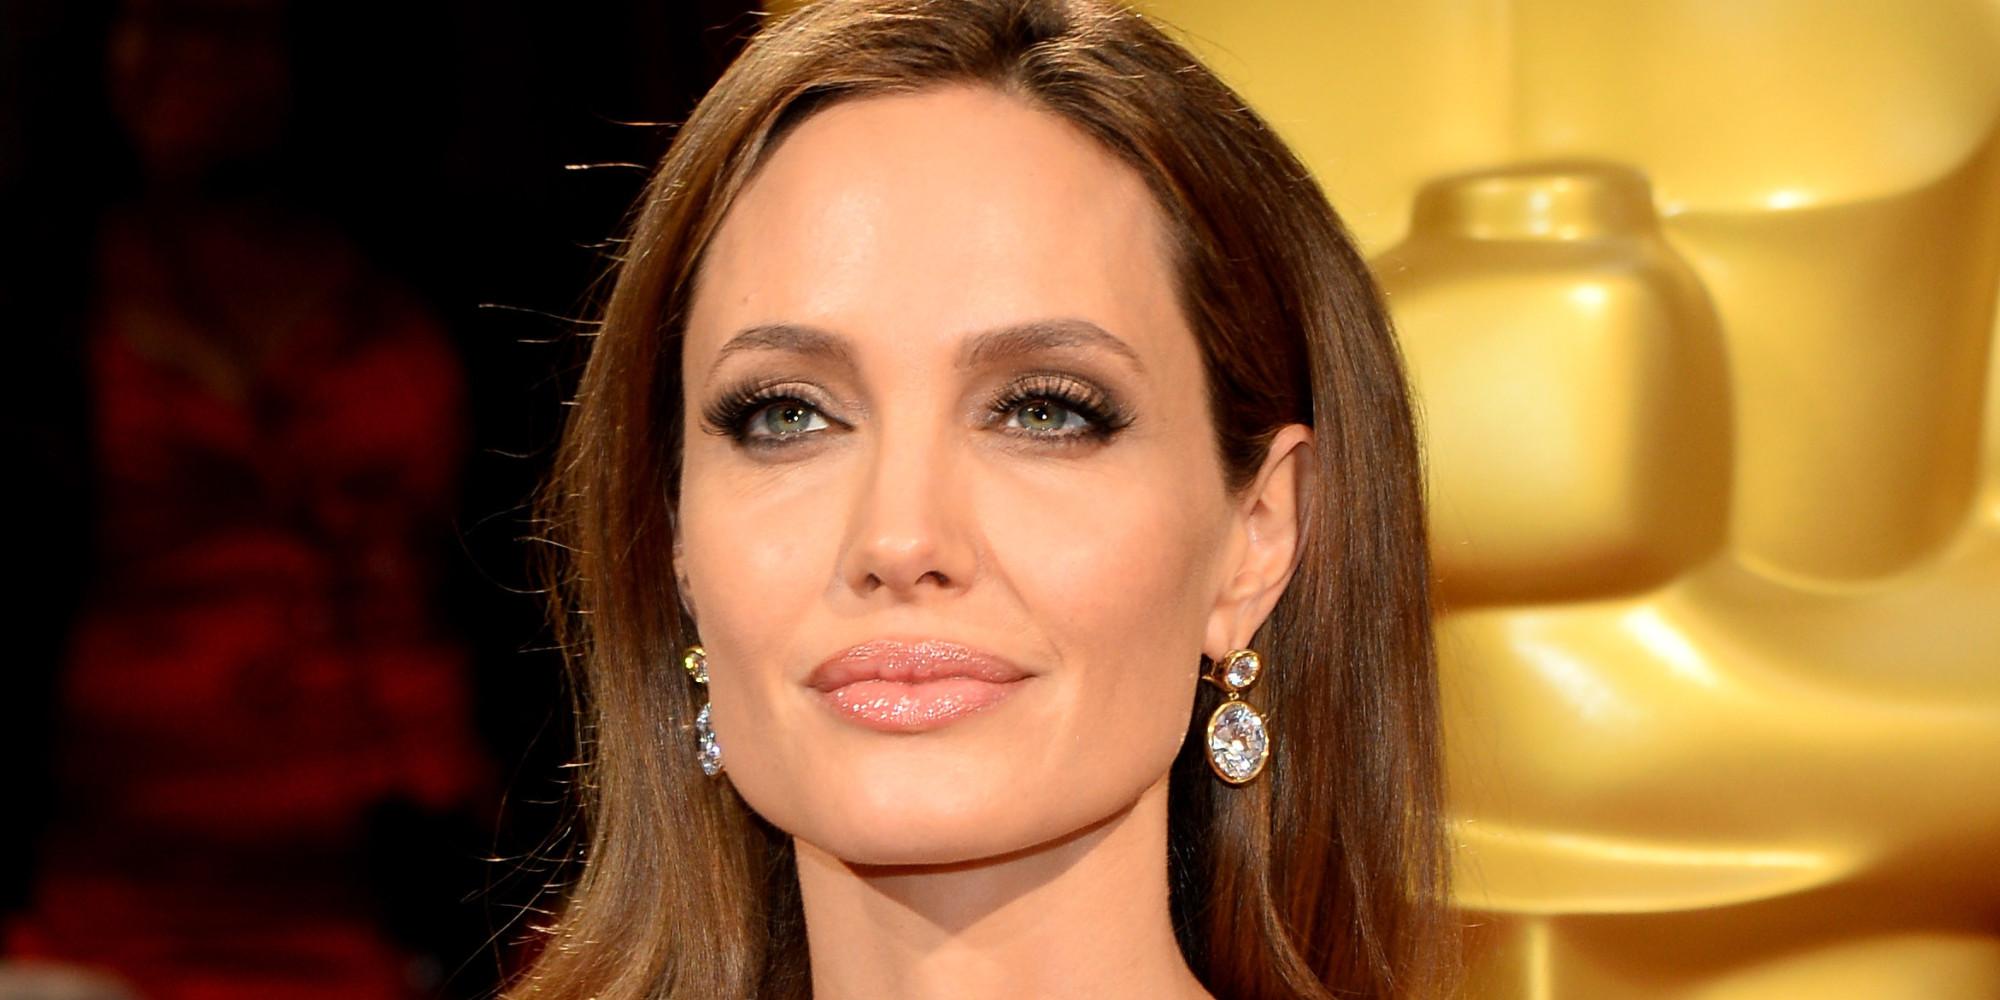 Анджелина Джоли без нижнего белья продолжает покорять публику